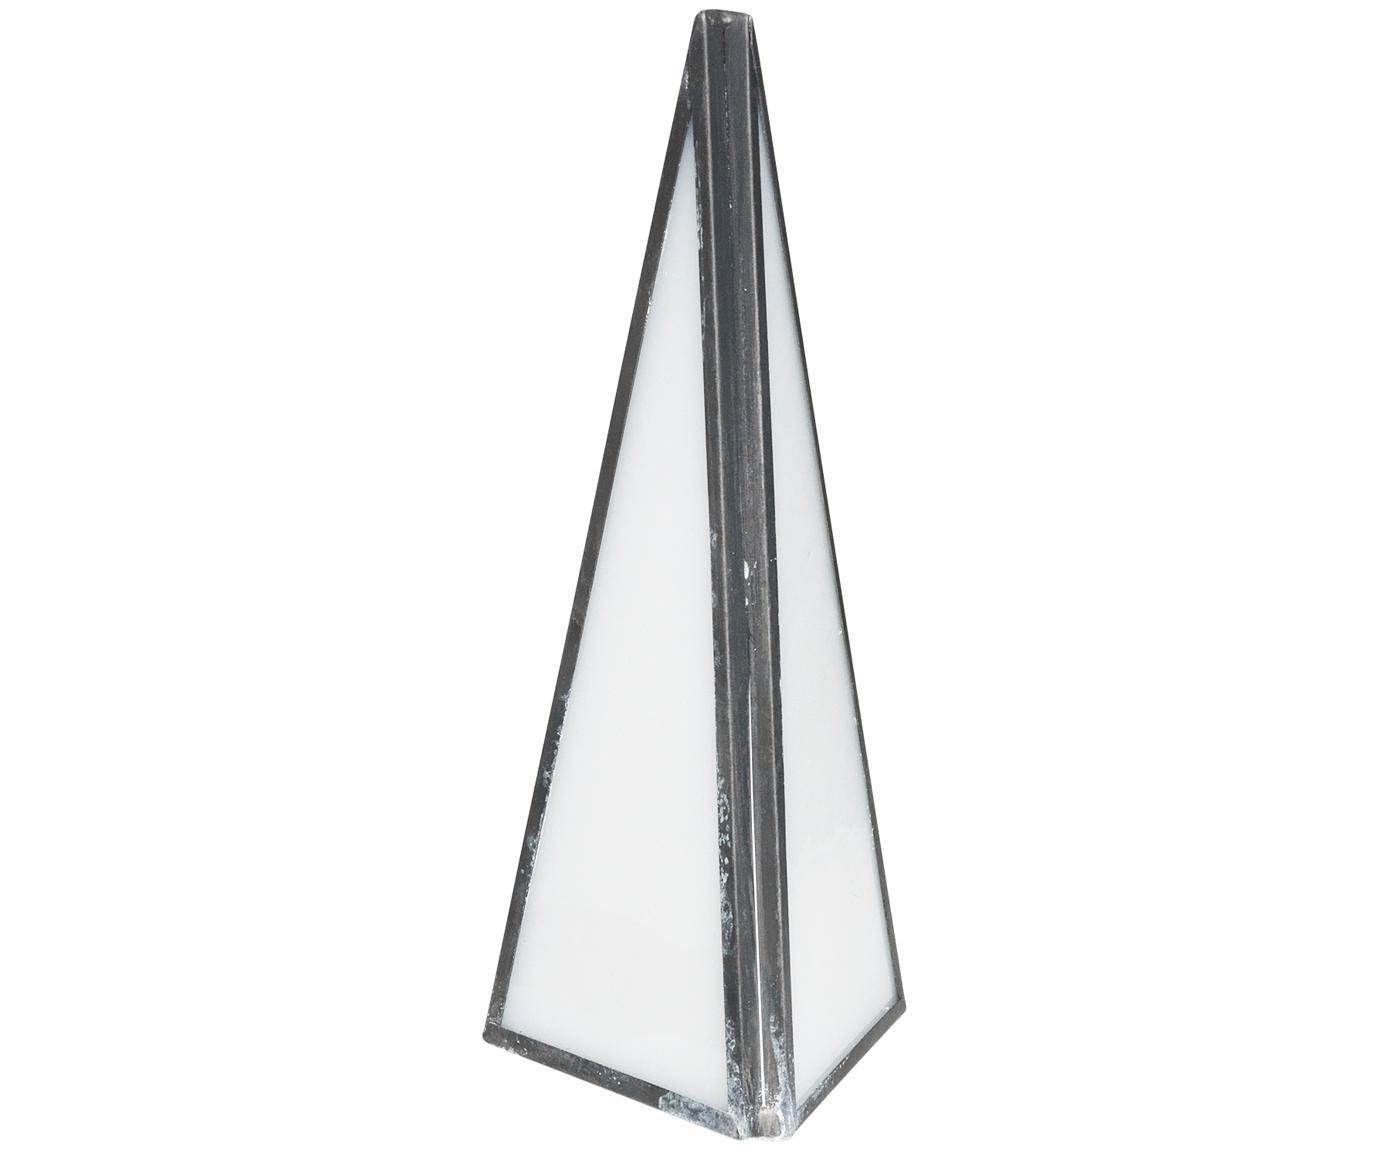 Deko-Objekt Mosaic, Rahmen: Metall, Metall, Opalweiß, 6 x 15 cm